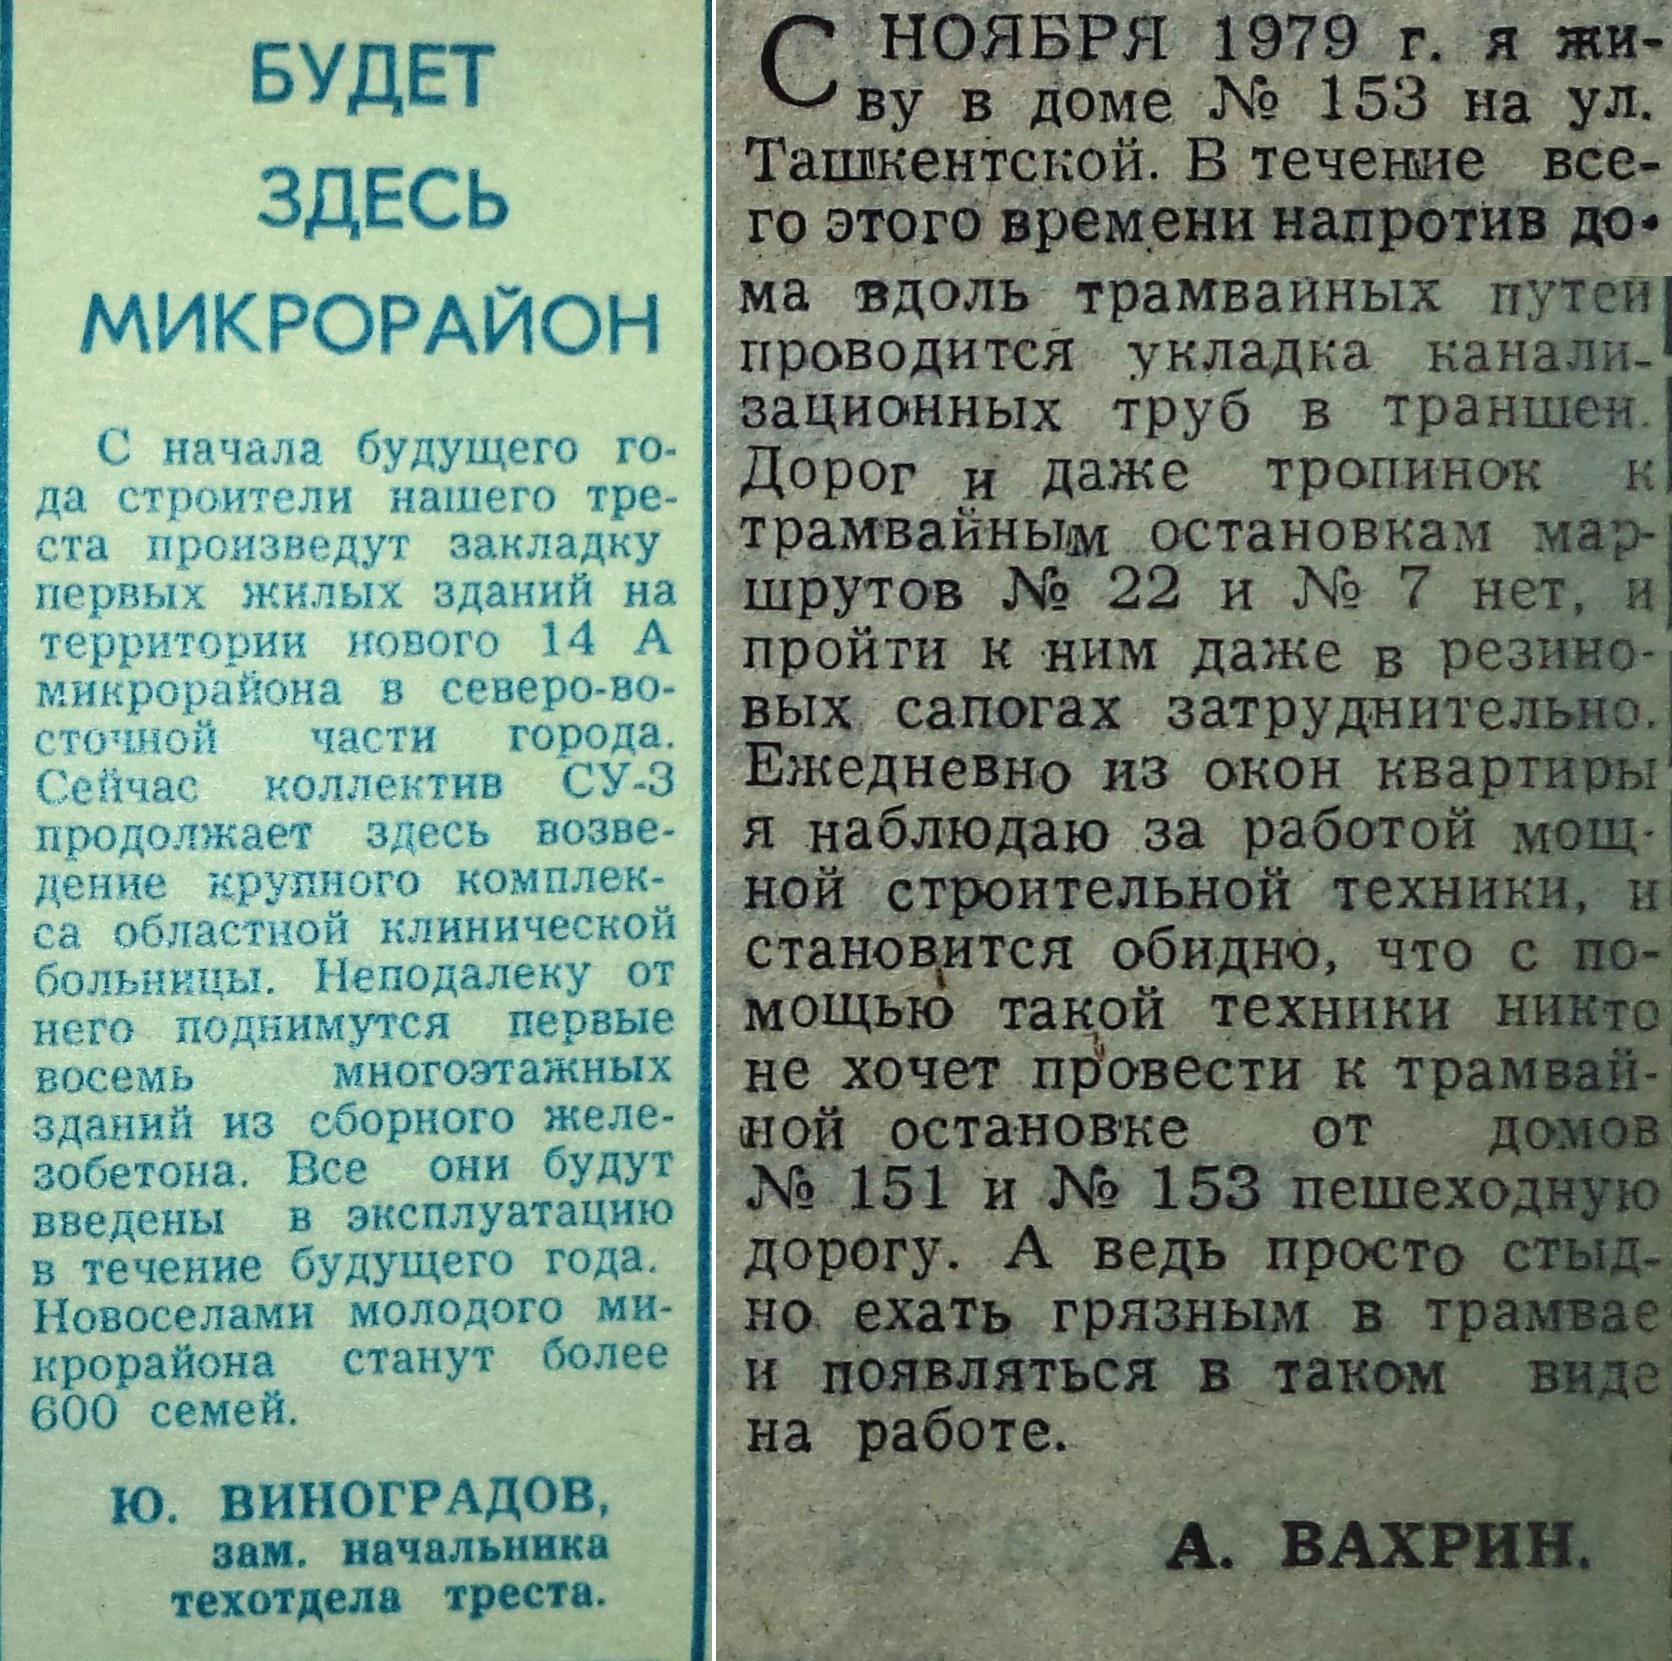 Ташкентская-ФОТО-59-Труд строителя-1977-28 декабря-1-min